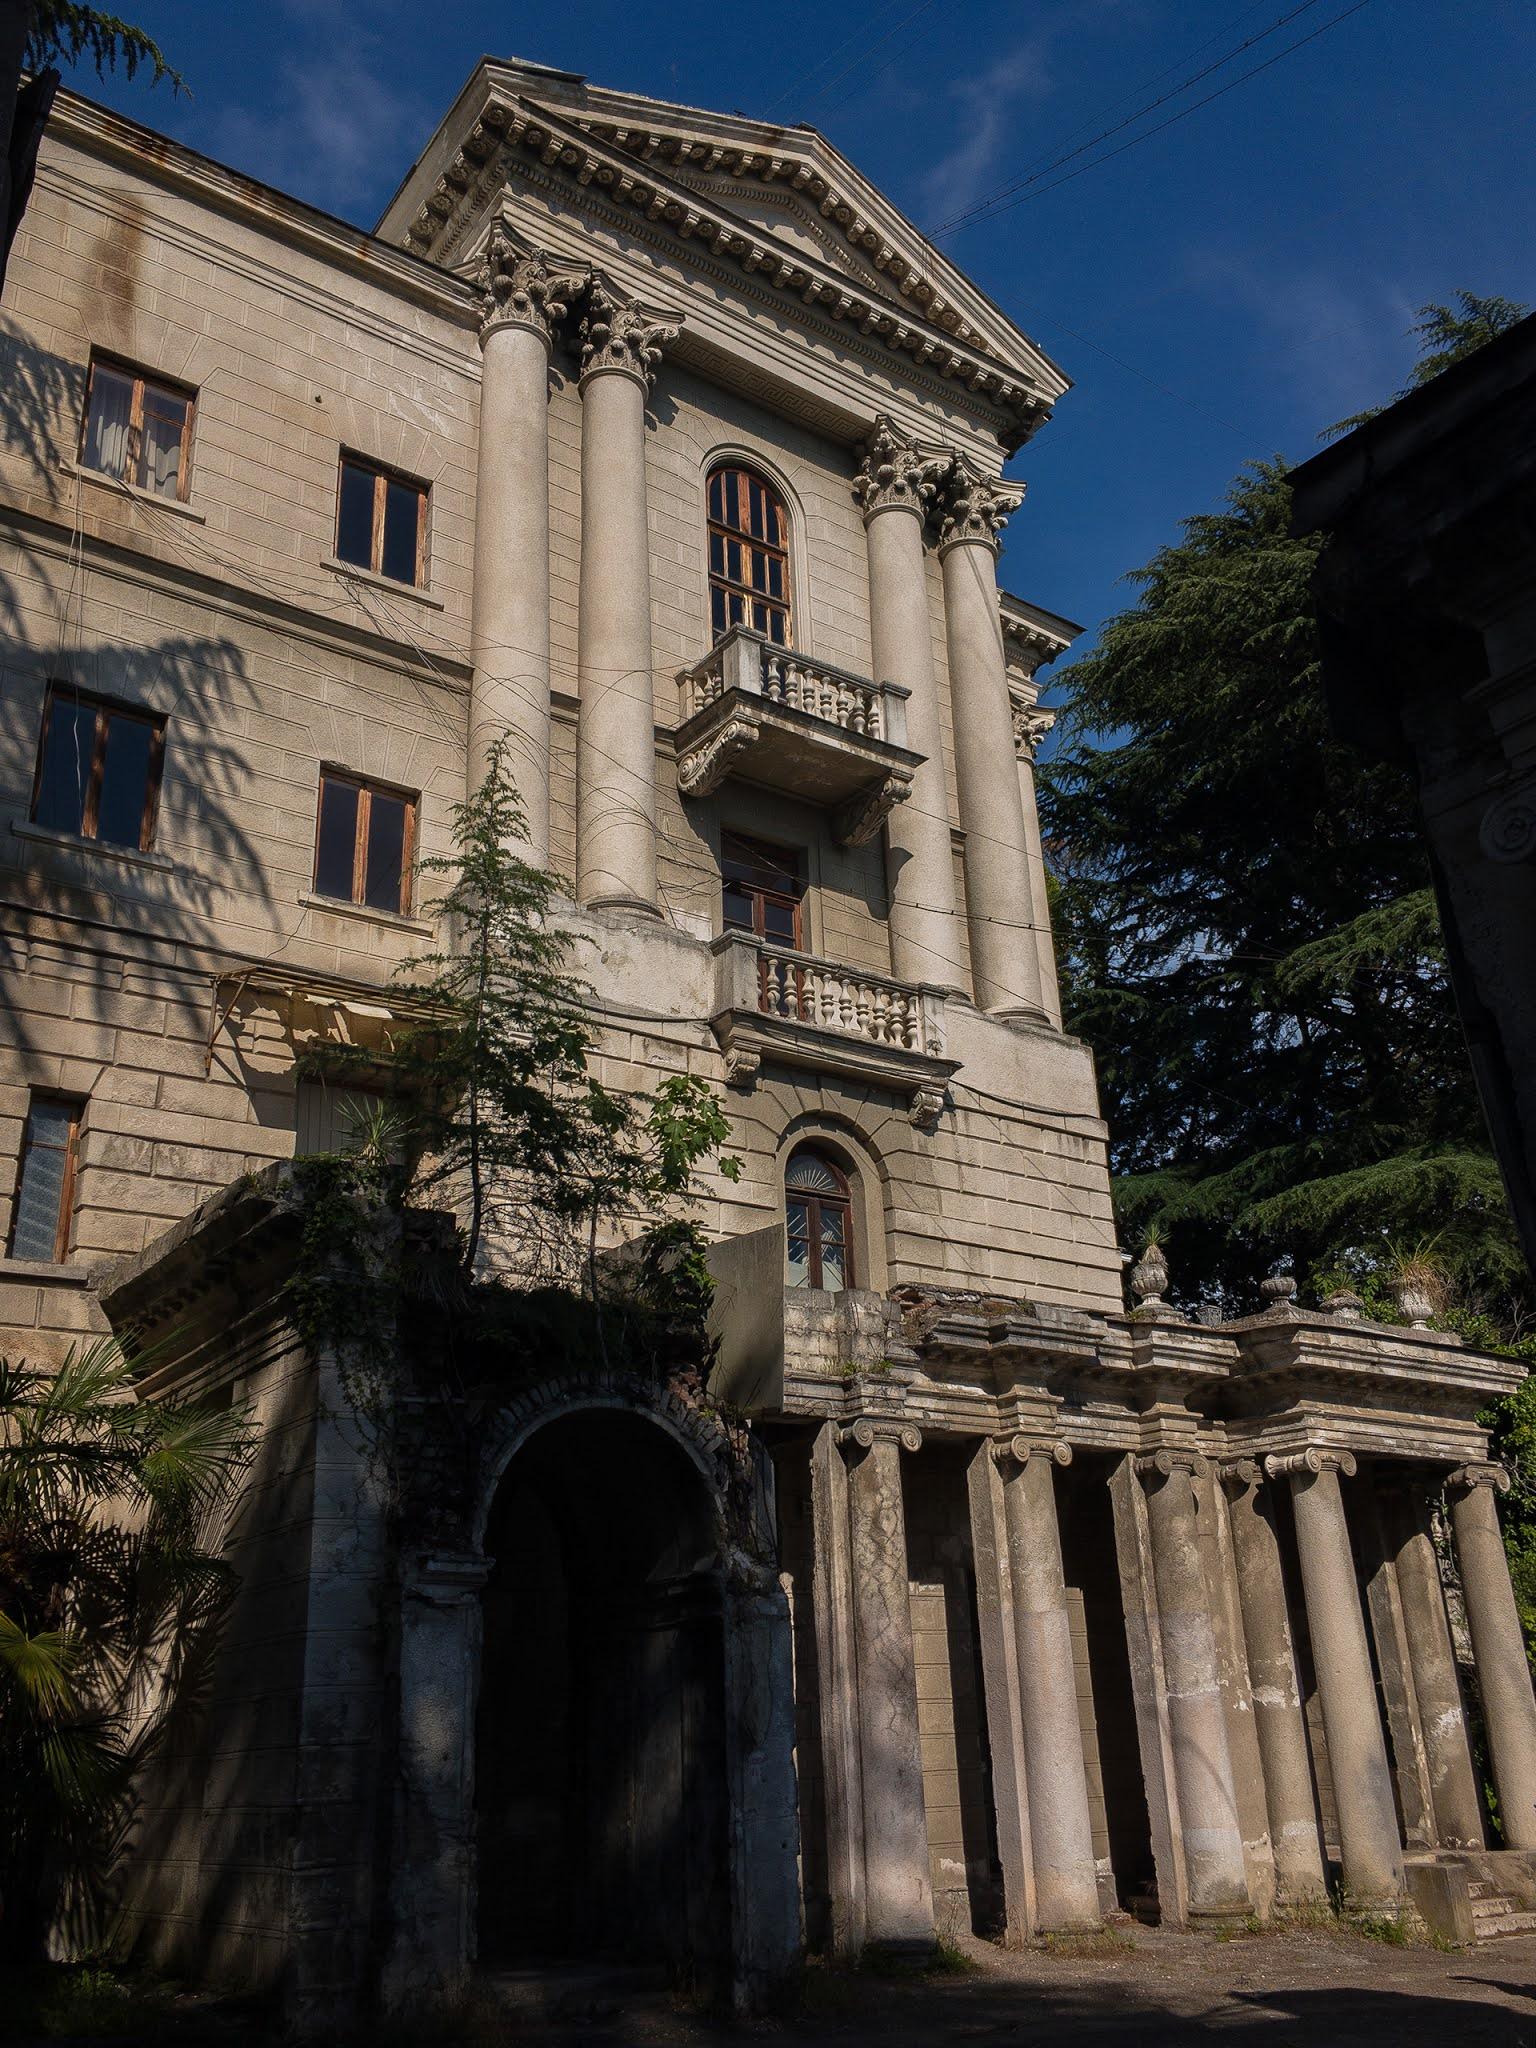 Ordzhonikidze sanatorium architecture abandoned jungle fabulous unusual photo Igor Novik